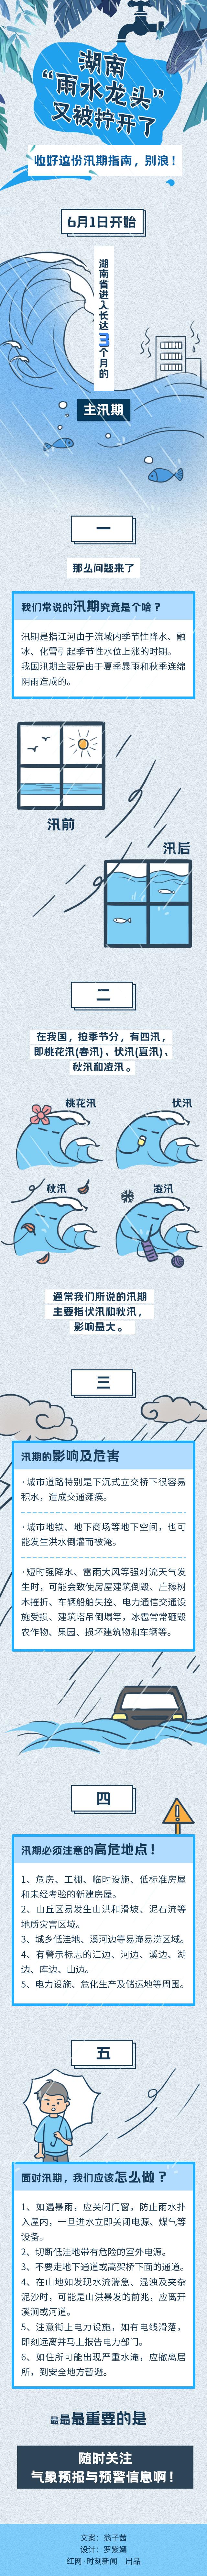 防汛长图(1).jpg